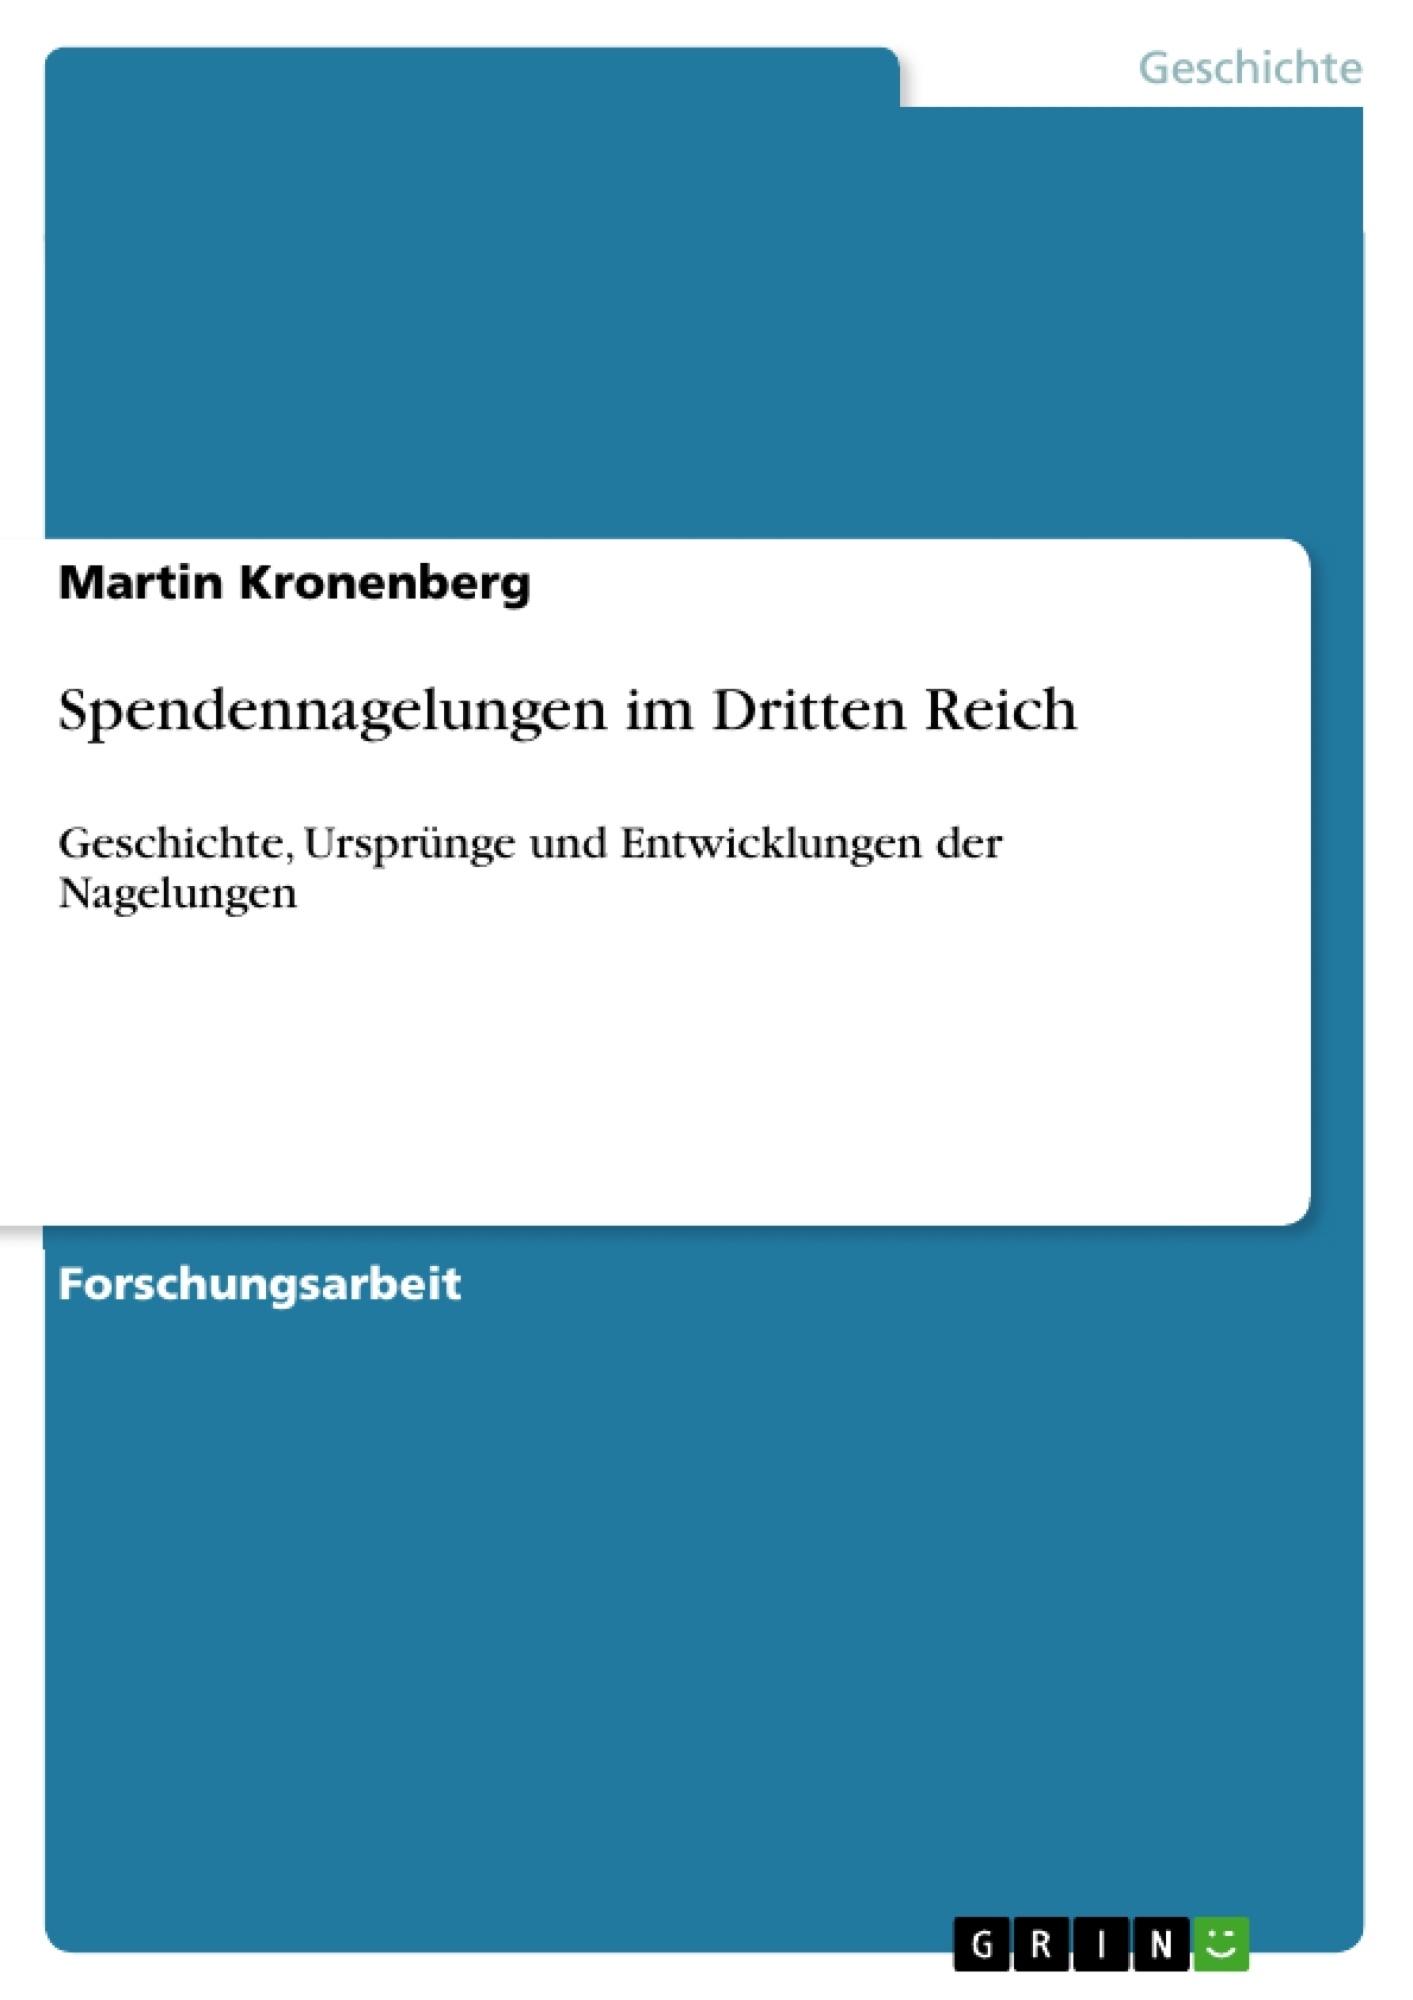 Titel: Spendennagelungen im Dritten Reich